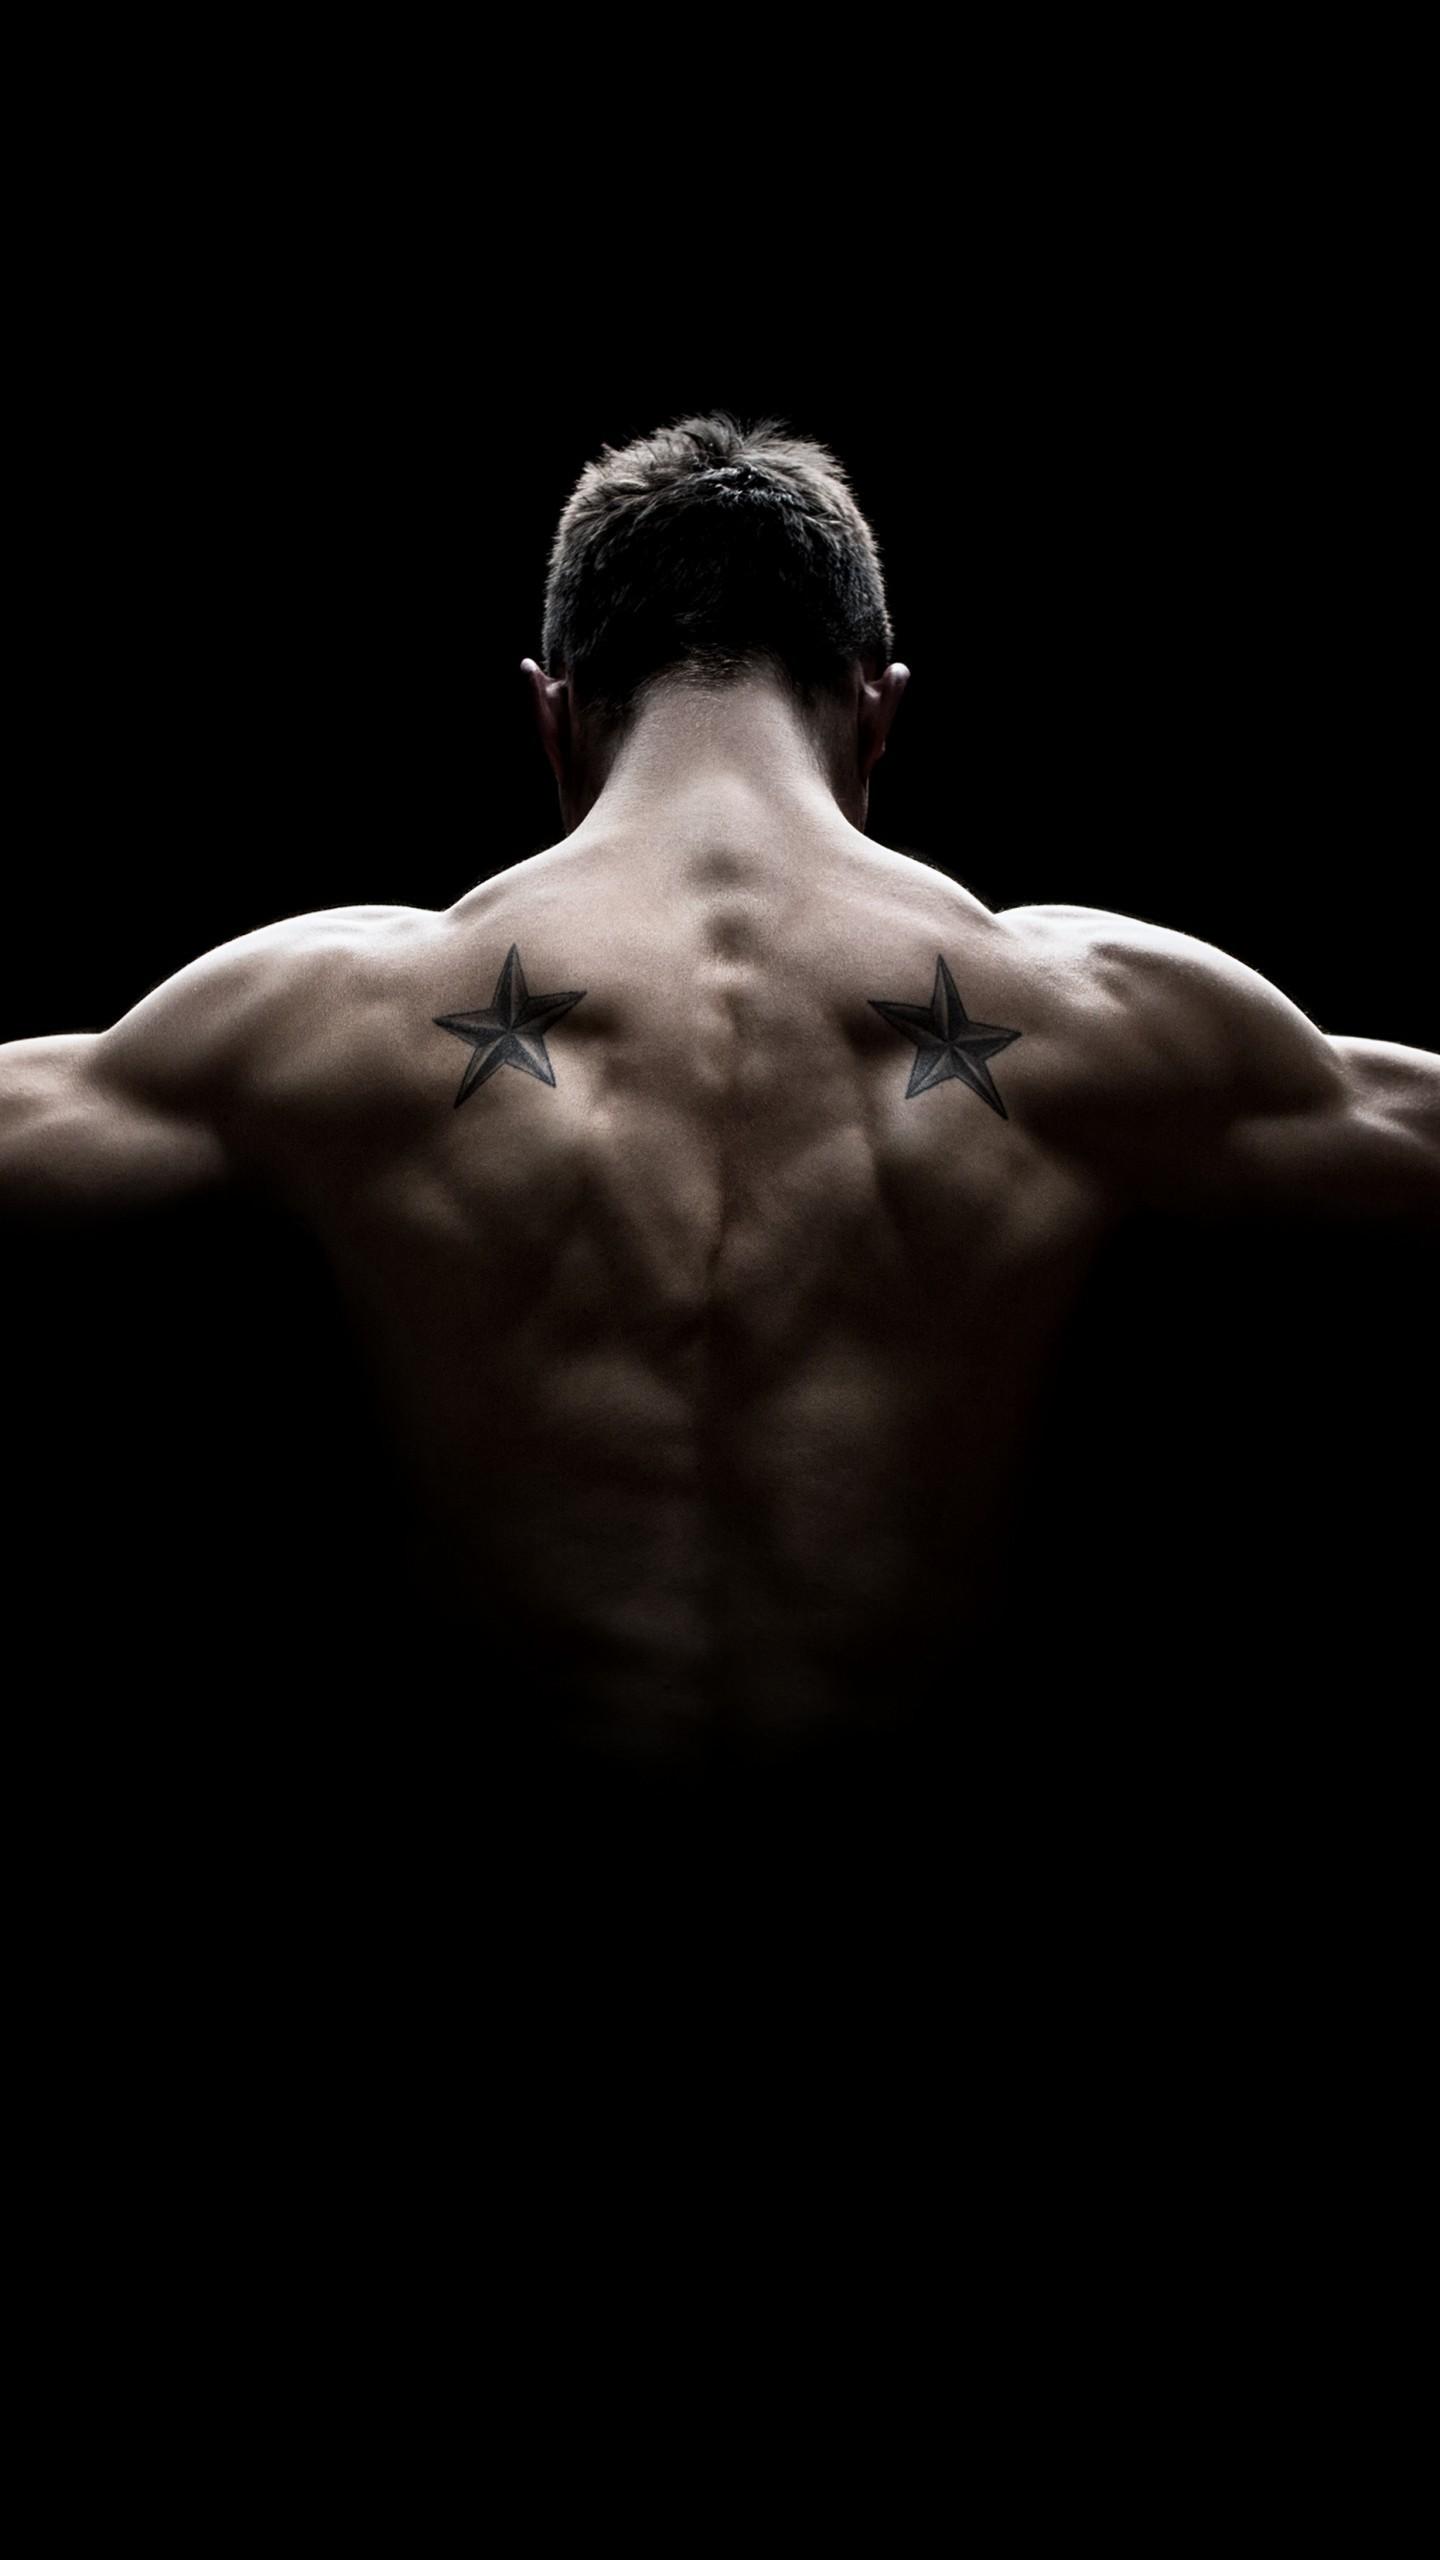 عکس زمینه ورزشی عضلات بدنسازی شده قوی پس زمینه